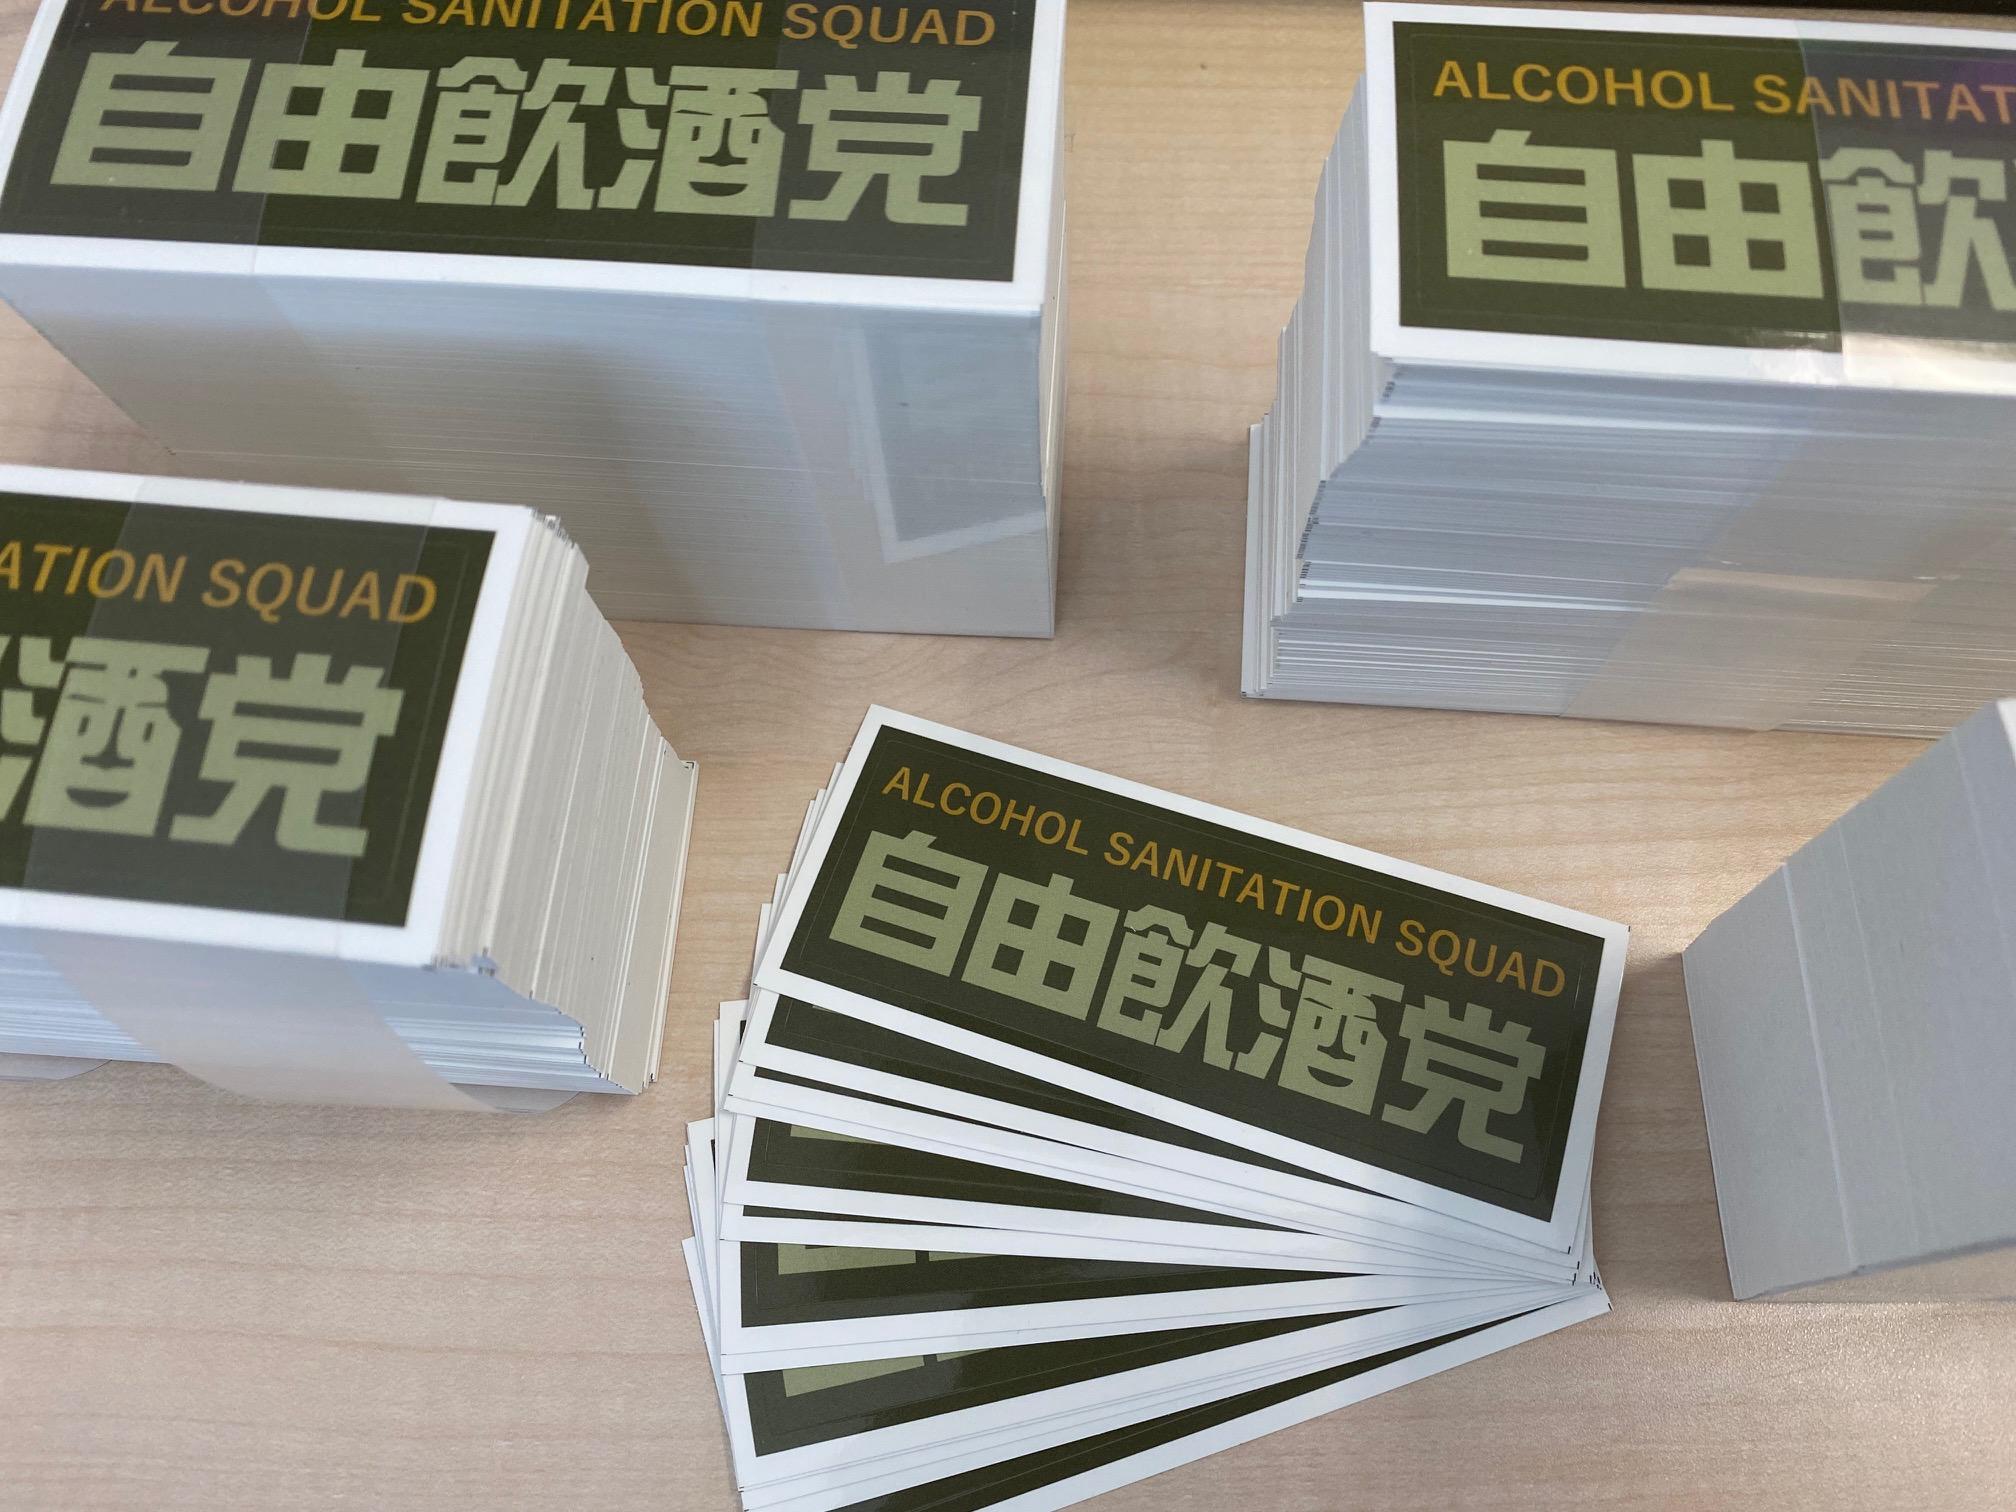 自由飲酒党 アルコール消毒部隊ステッカー!